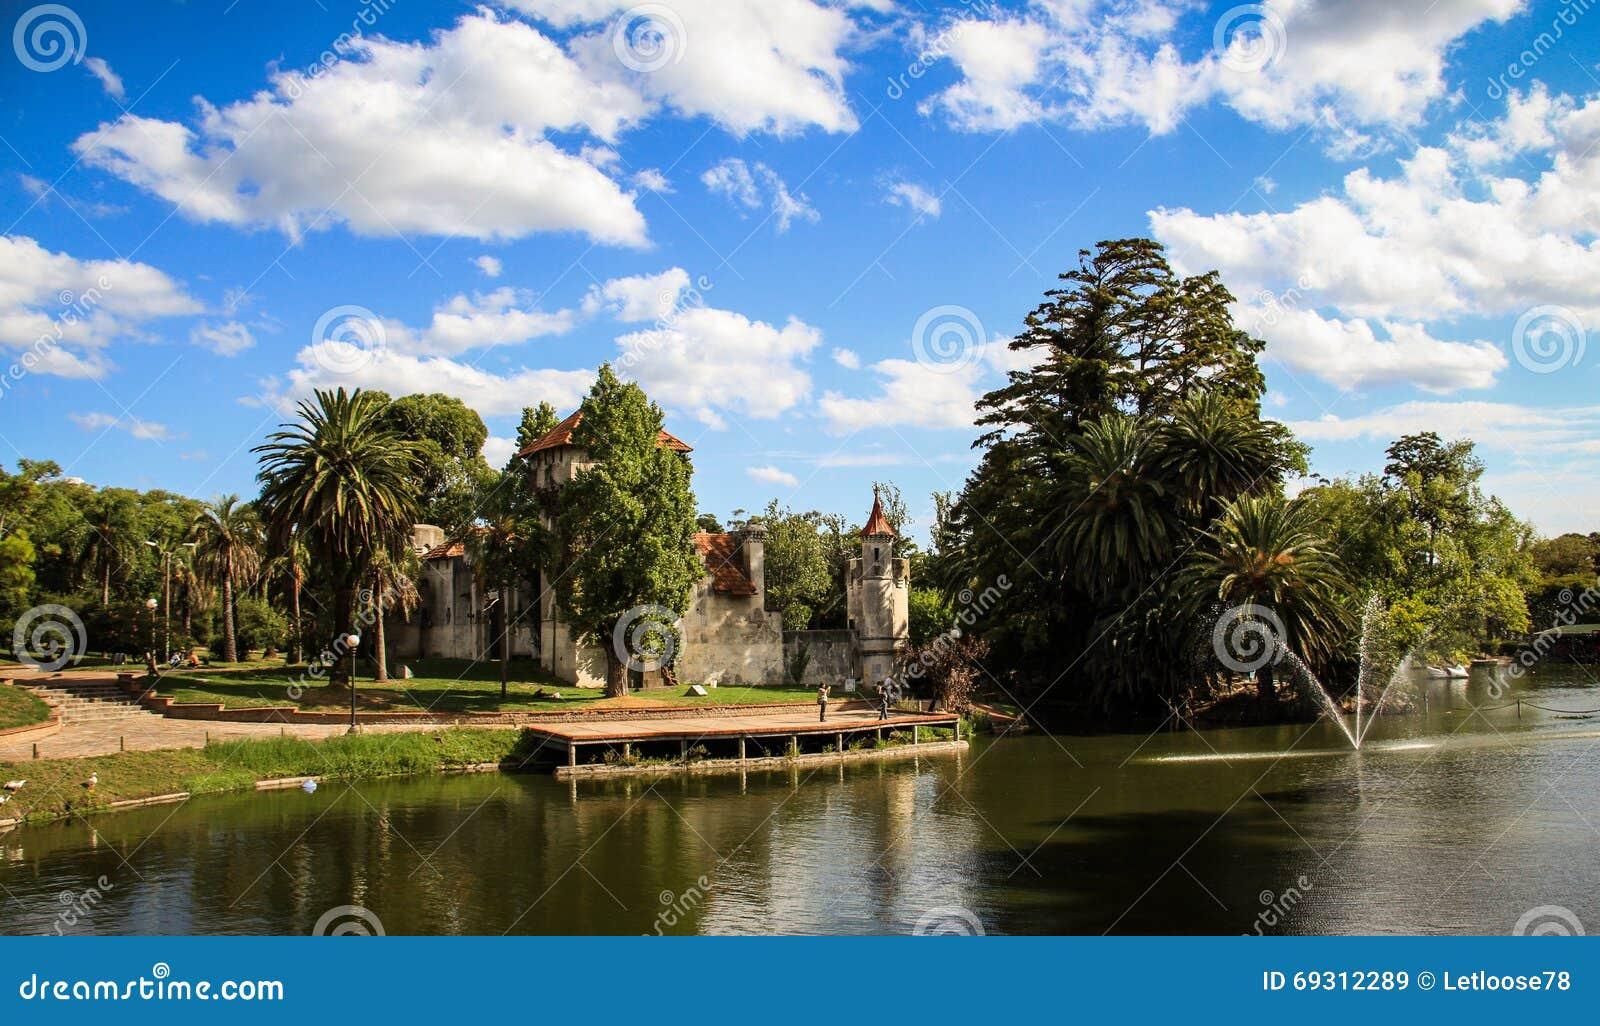 Rodo公园的城堡和湖,蒙得维的亚,乌拉圭